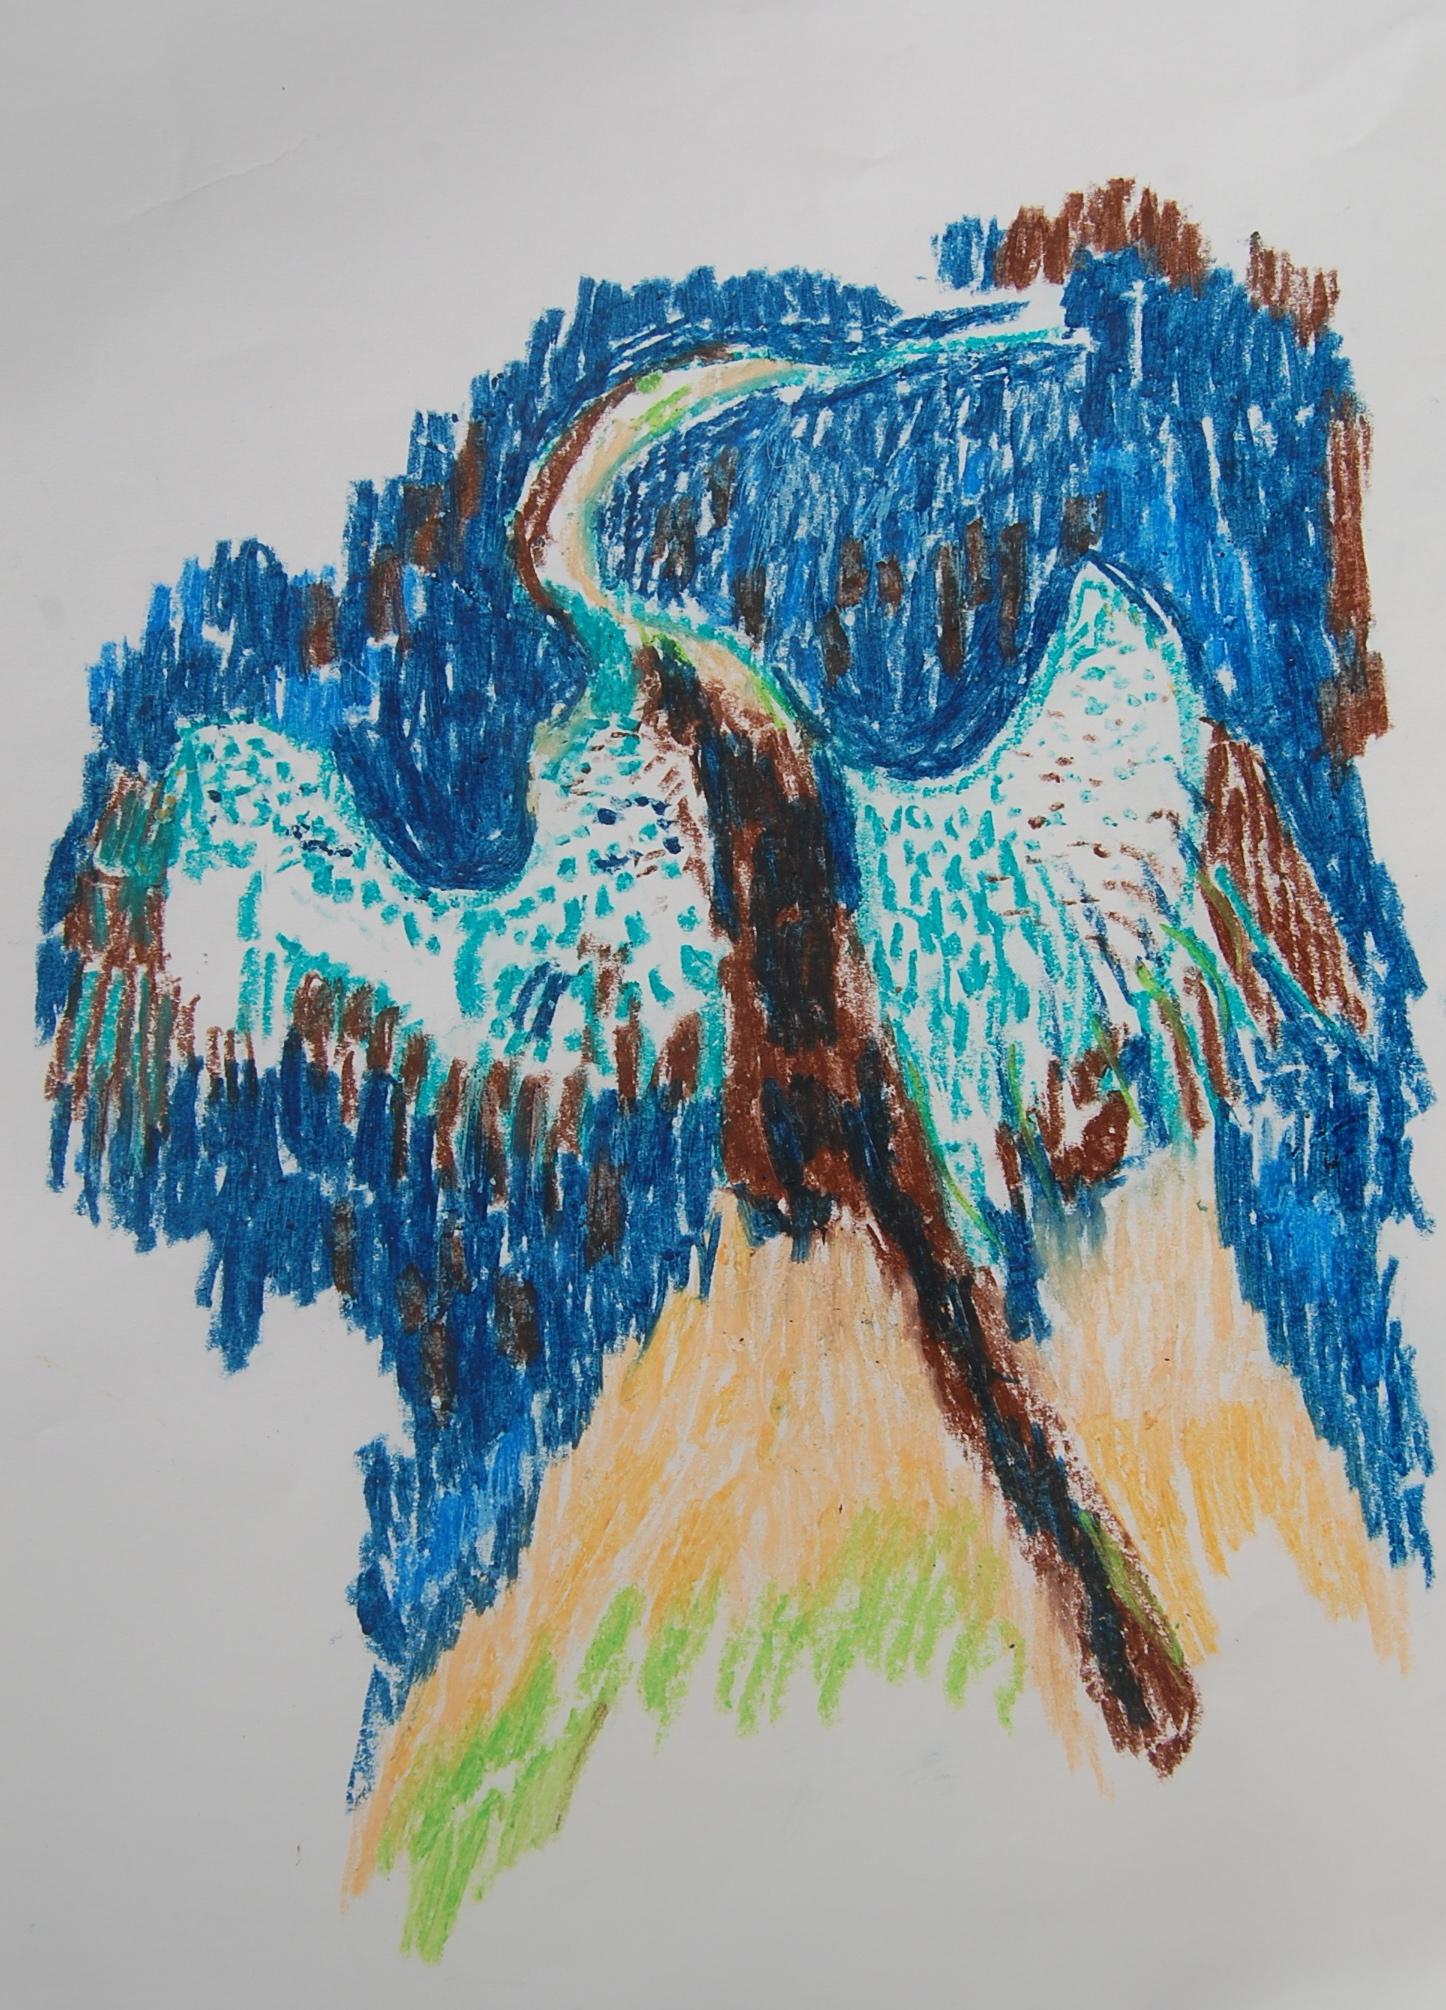 6893 || 2123 || Bird ||  || NULL